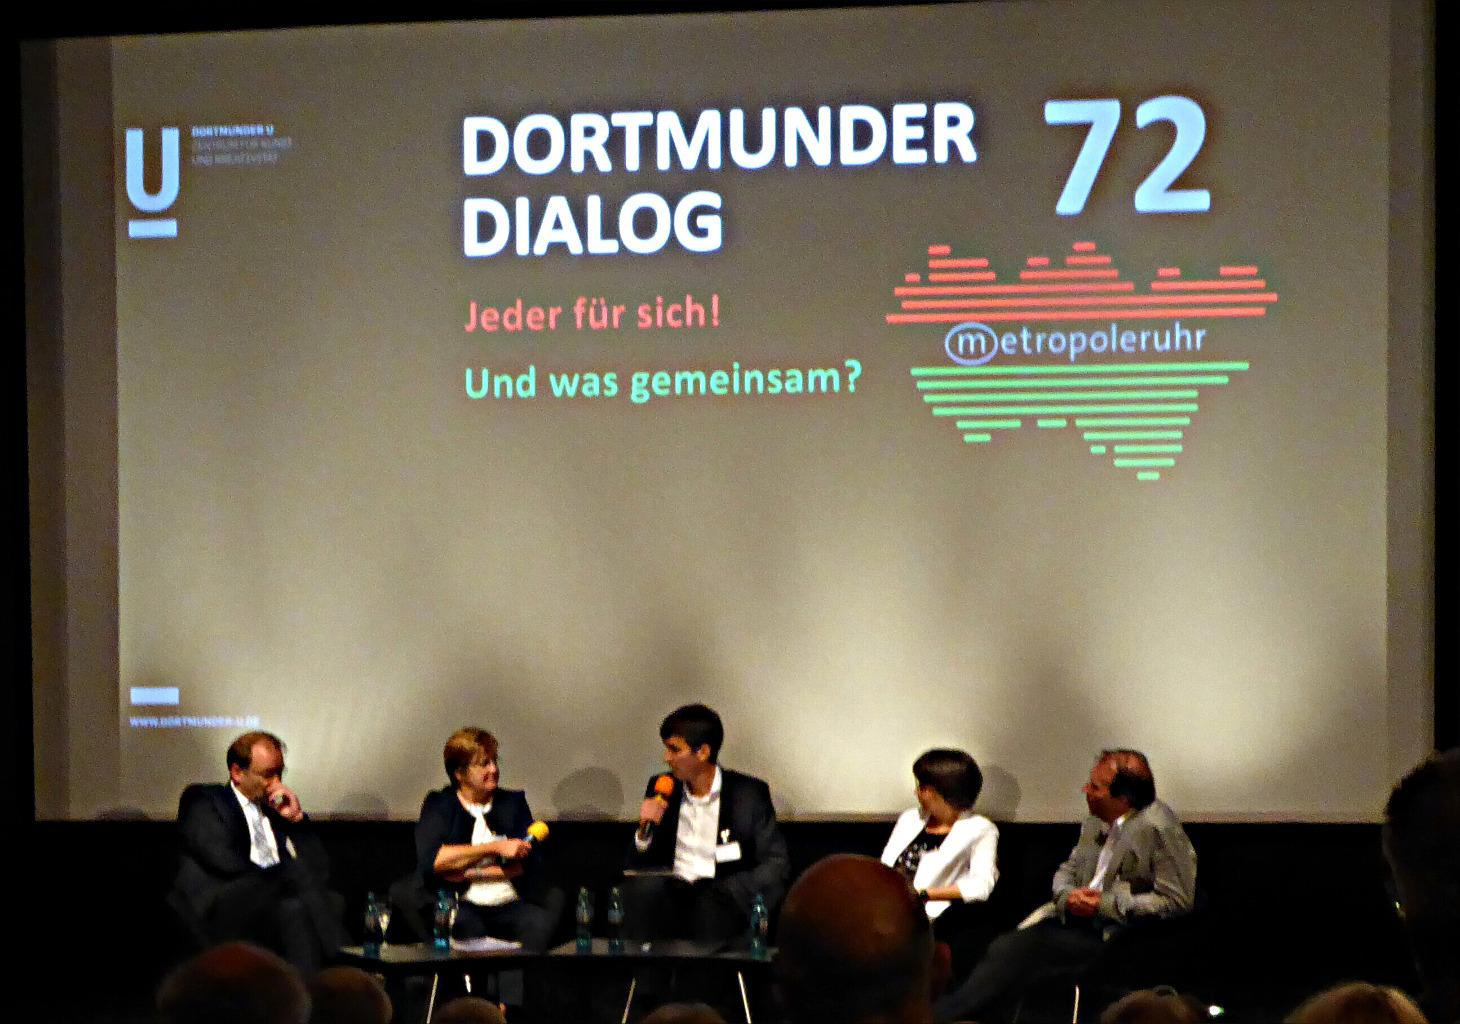 DD72 I06 Schreiber, Geiß-Netthöfel, Siedentop, Hohn, Heinze